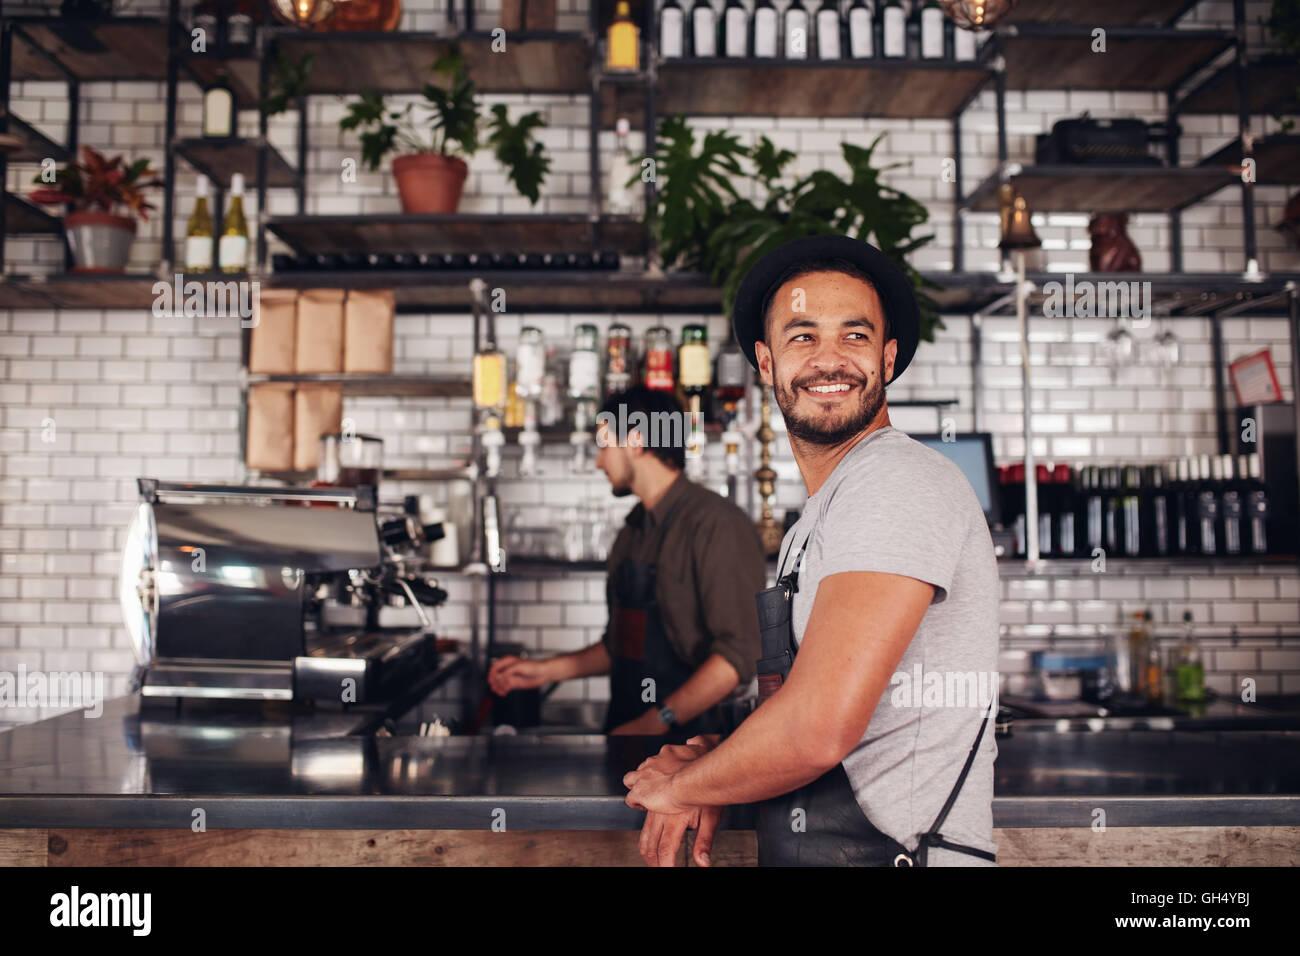 Coffee shop owner standing avec barista travaillant derrière le comptoir des boissons. Photo Stock